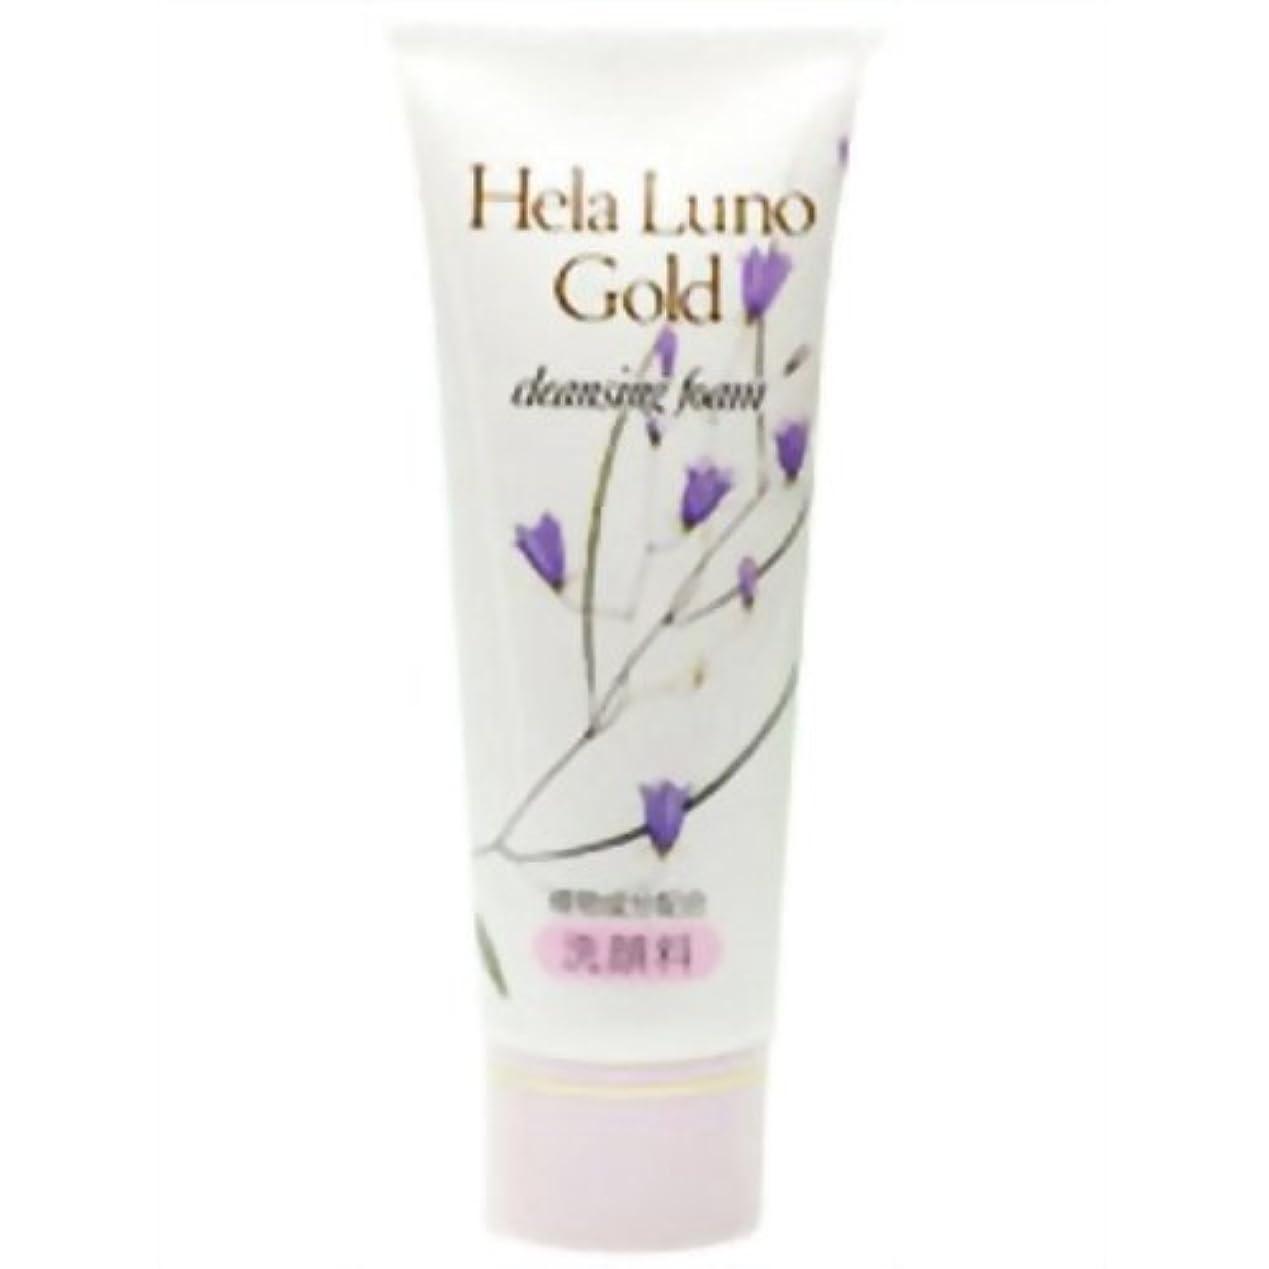 成功した政治家乳製品大高酵素 ヘーラールーノゴールド クレンジングフォーム 120g